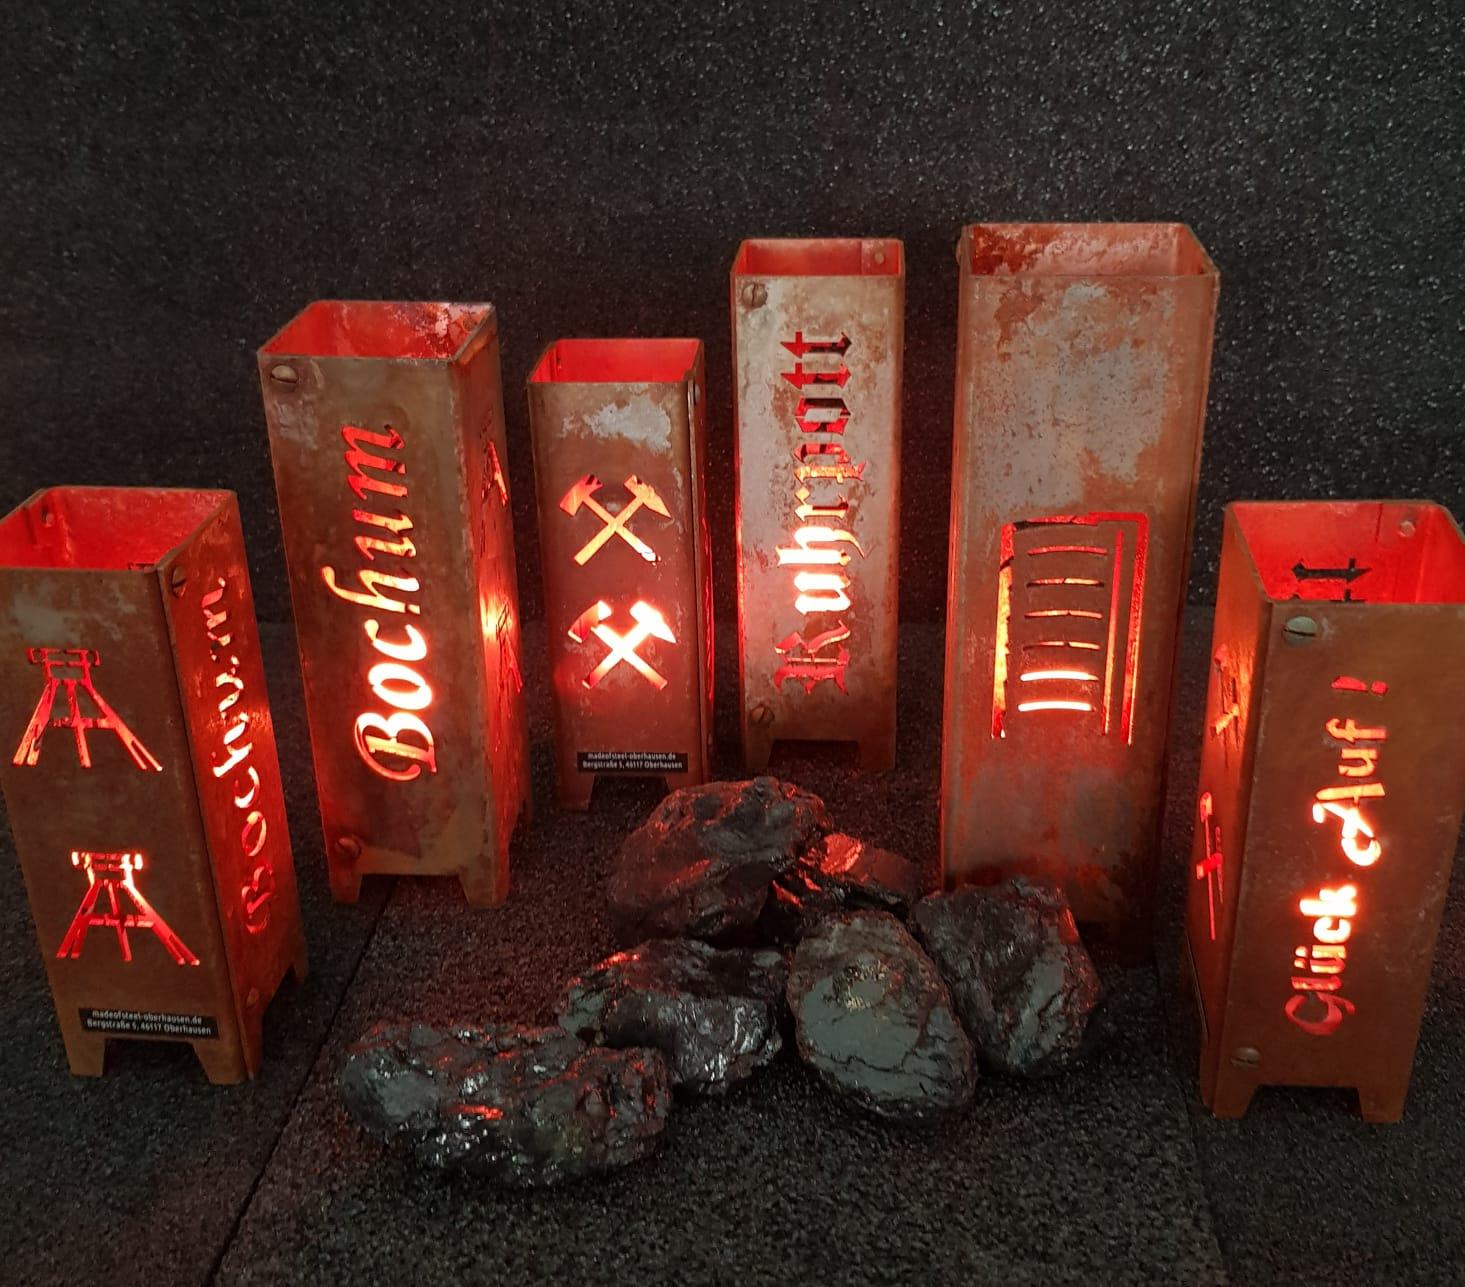 Das Bild zeigt Feuersäulen von MadeofSteel